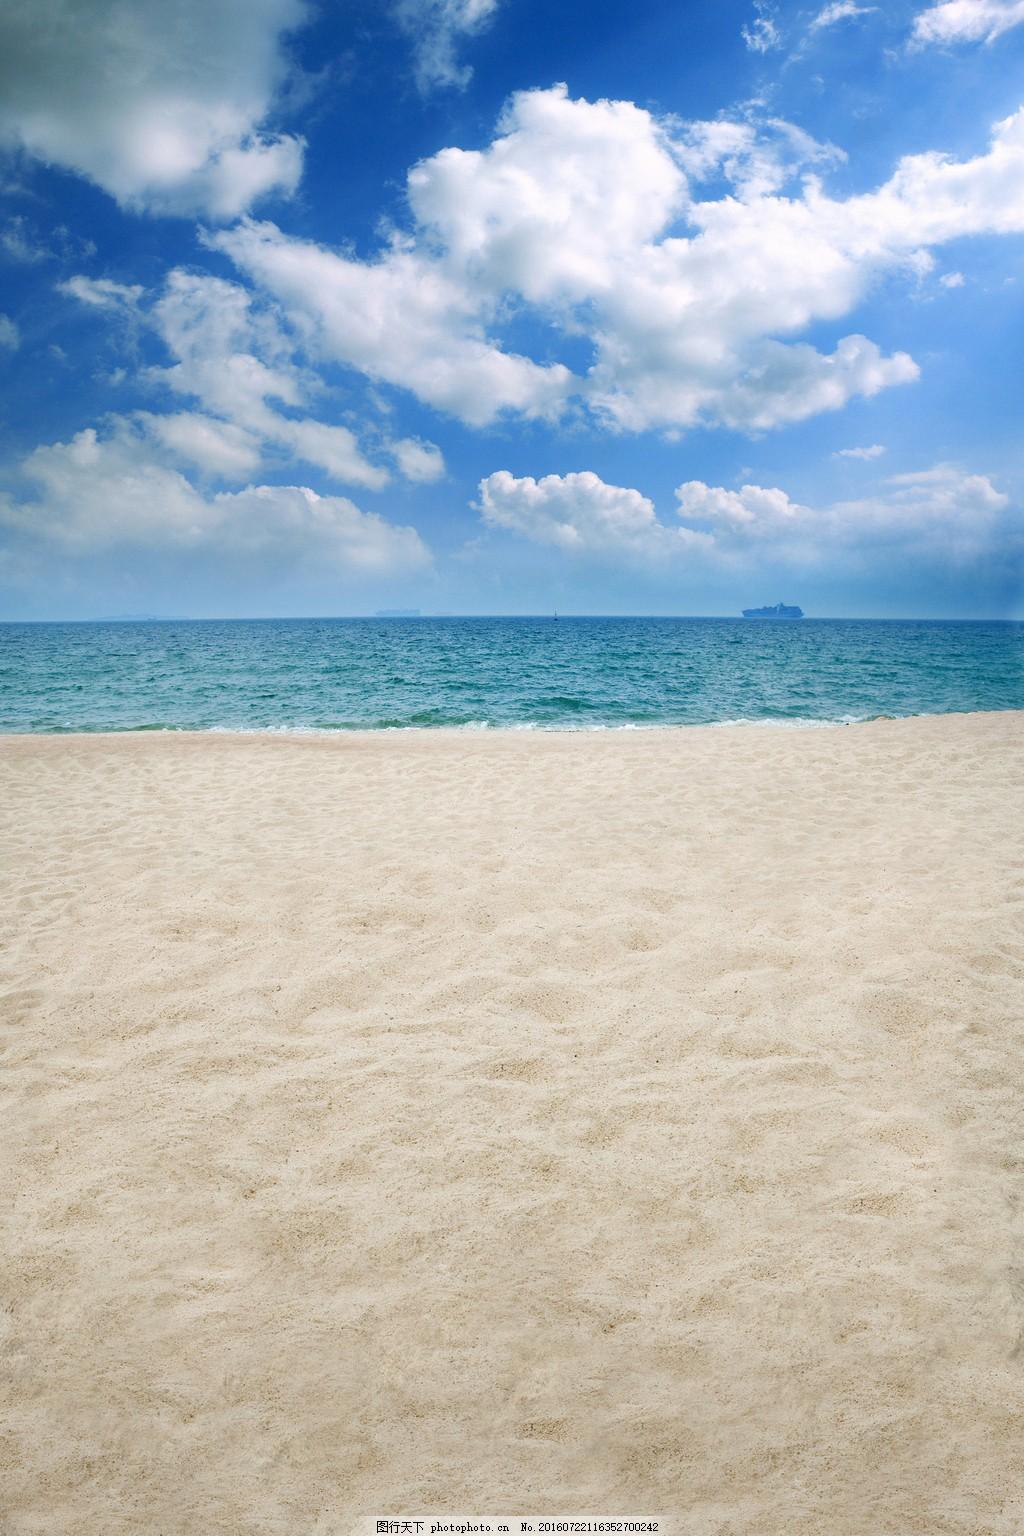 沙滩风景 沙滩风景高清图片下载 干净 海浪 海滩 海洋 蓝天